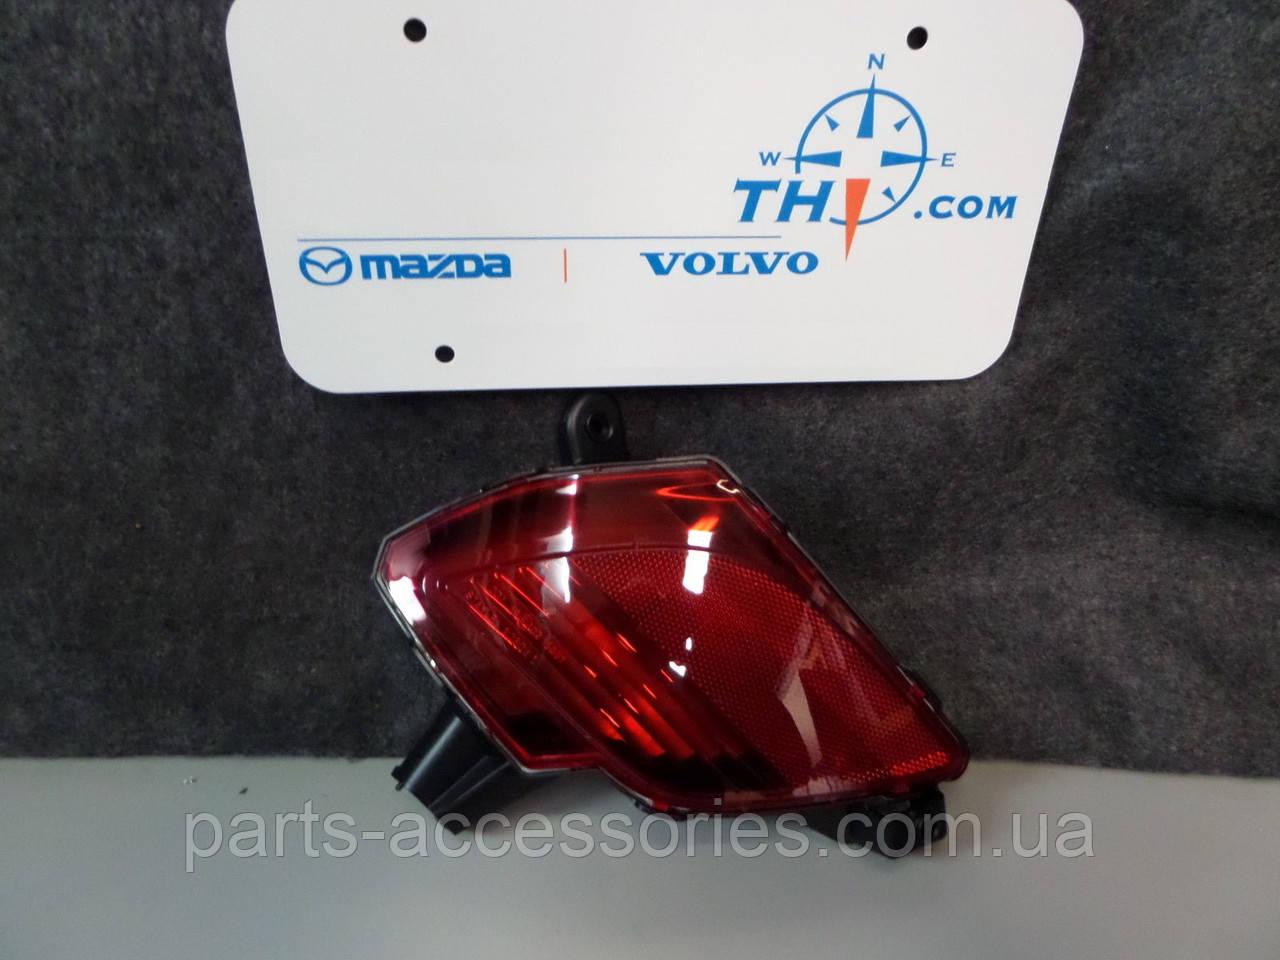 Правый катафот отражатель в задний бампер Mazda CX-5 CX5 2013-16 новый оригинал